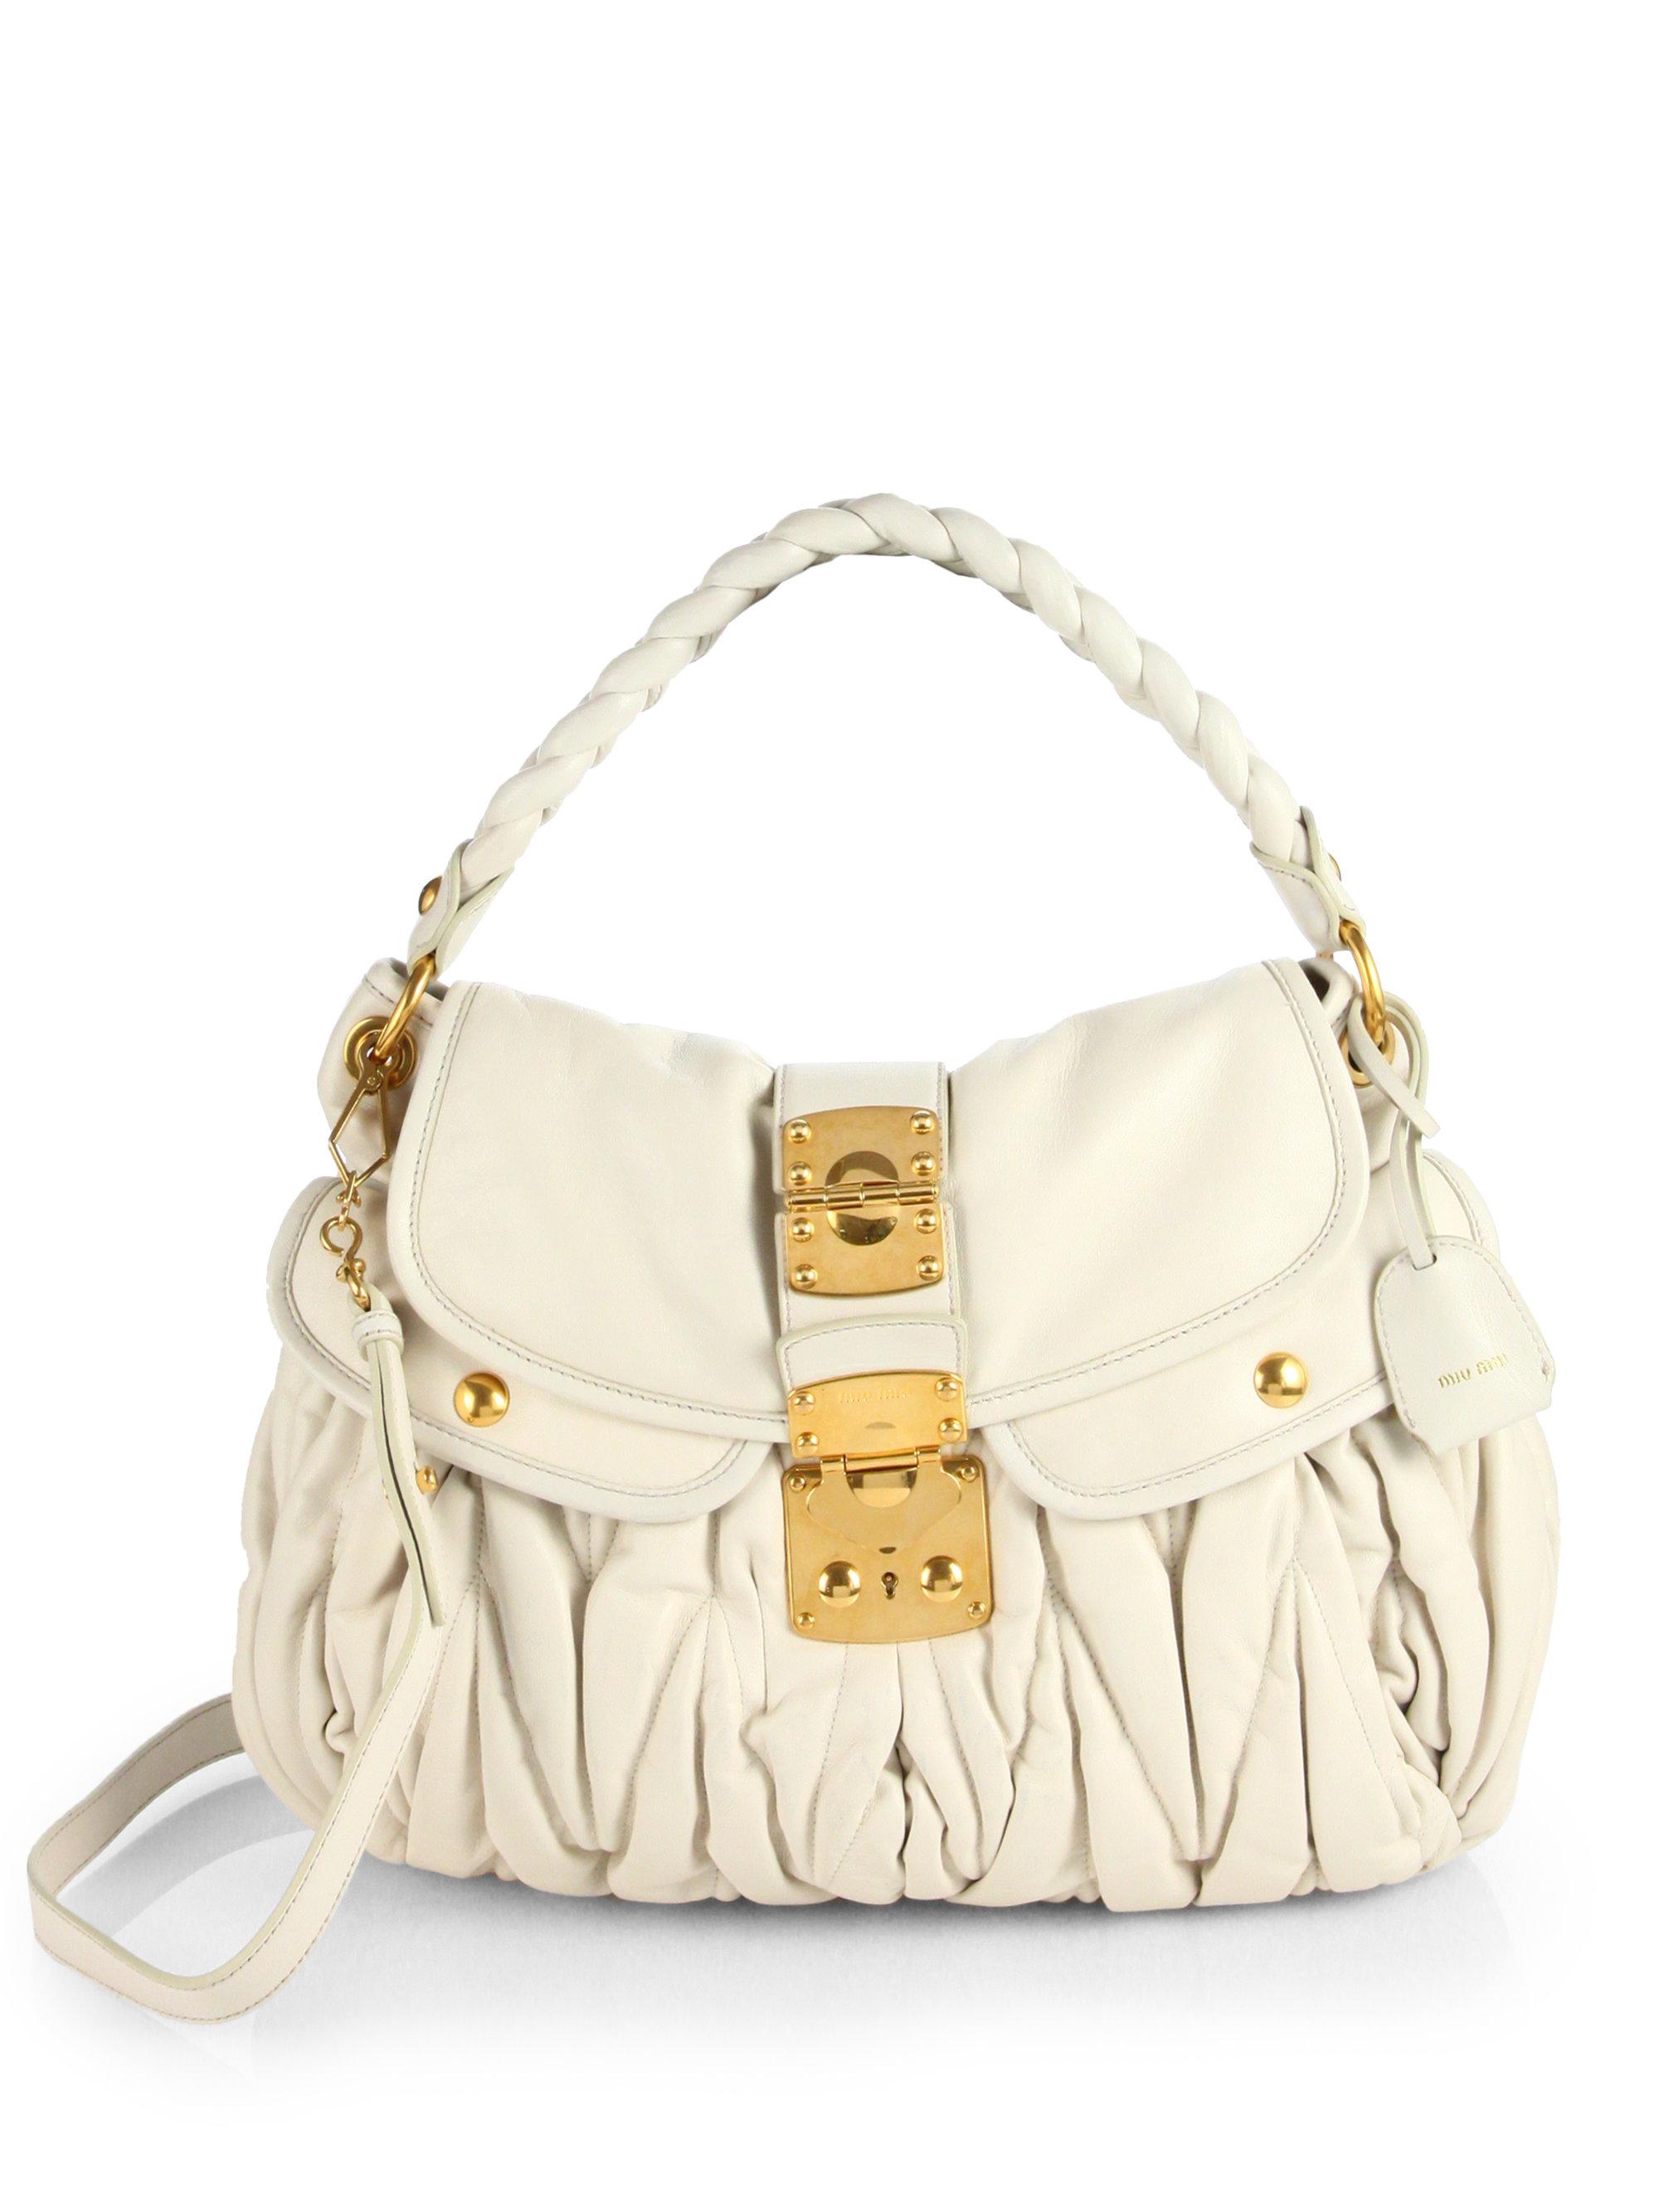 Lyst - Miu Miu Matelasse Leather Shoulder Bag in White 08804e051e